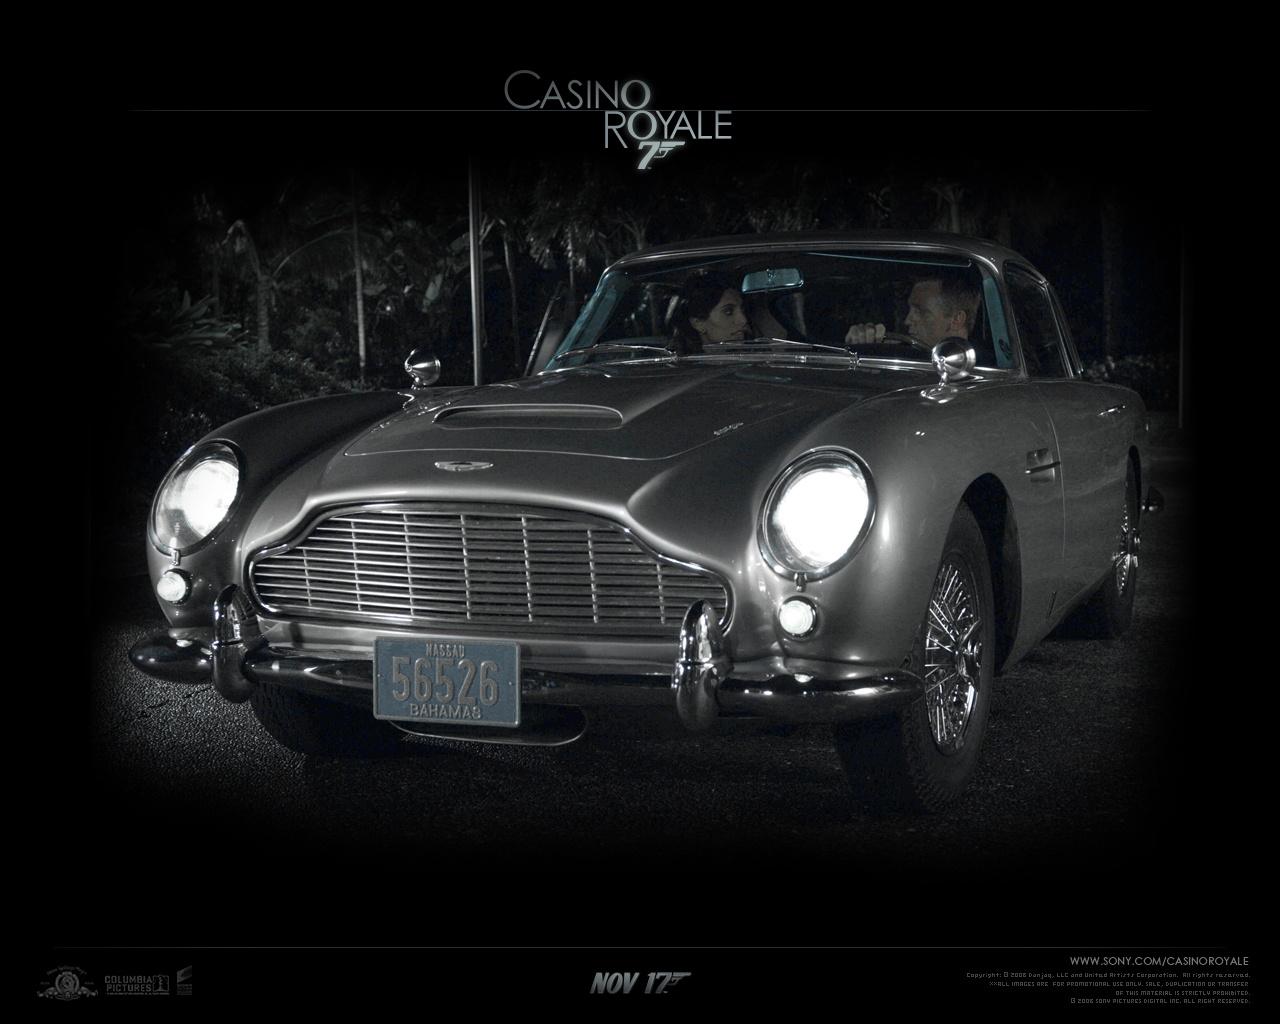 007:皇家赌场壁纸